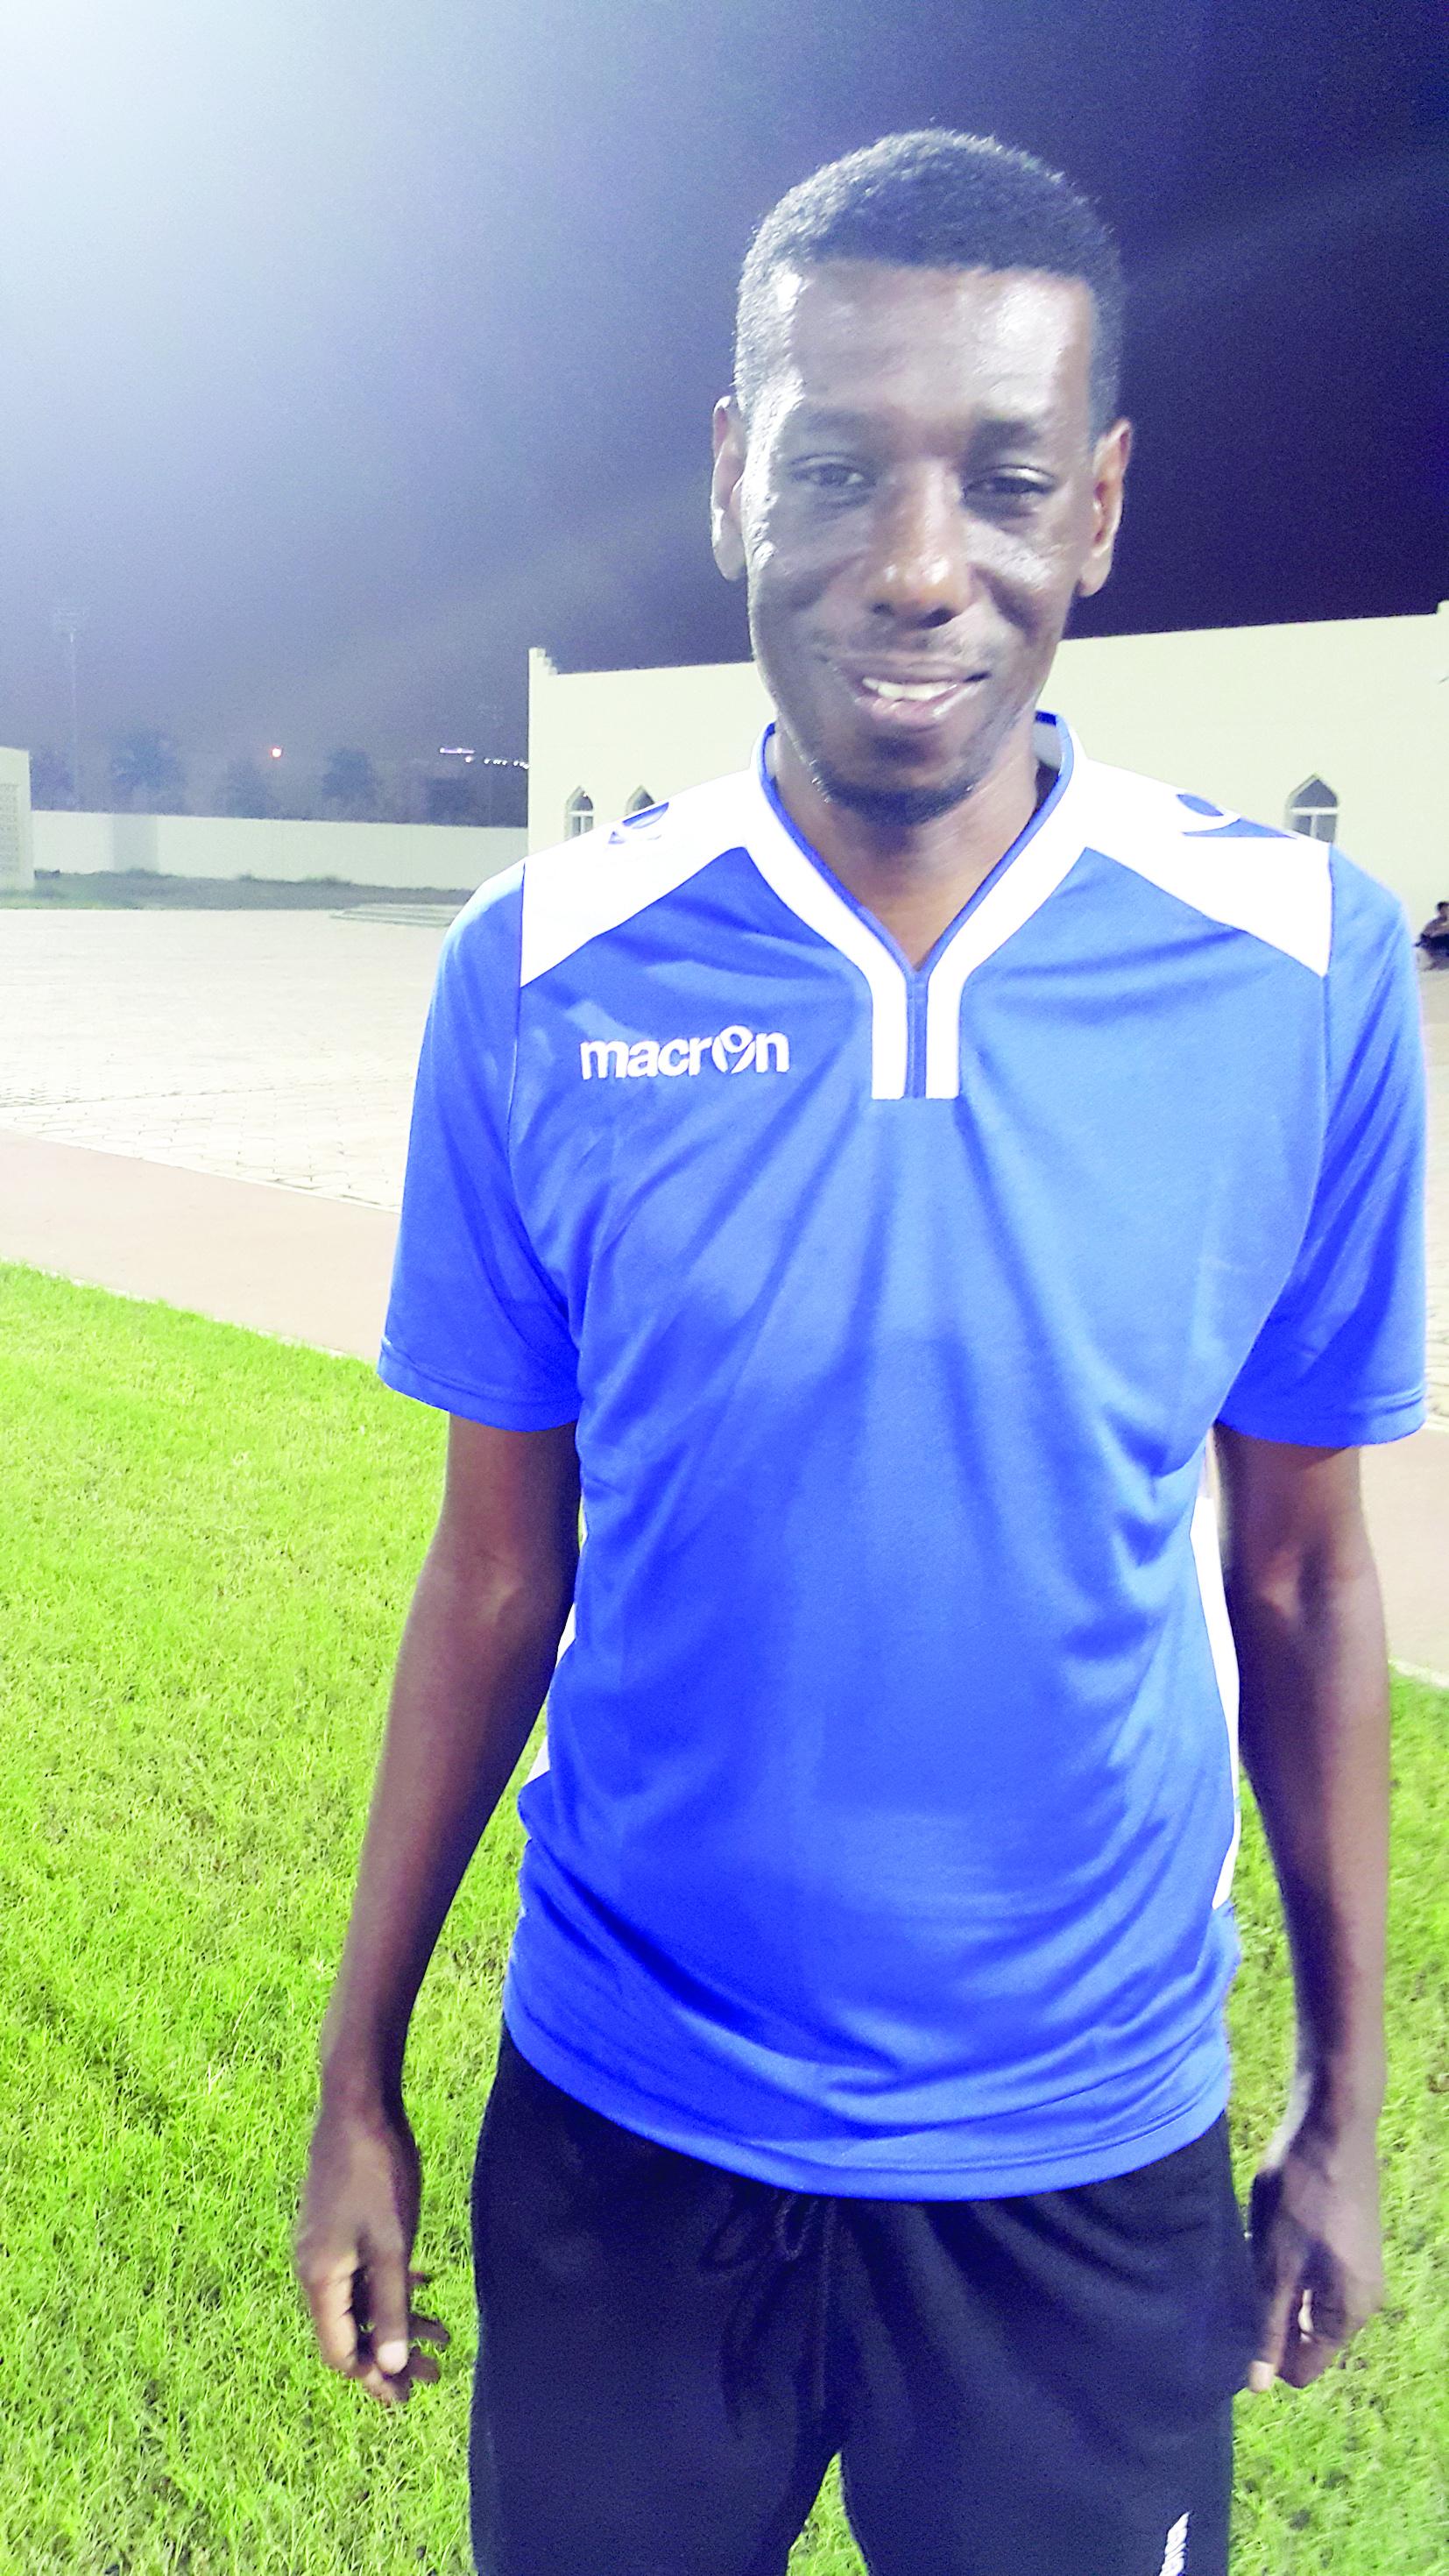 مدير جهاز الكرة بنادي النصر فوزي بشير:لوائح انتقالات اللاعبين بحاجة للمراجعة